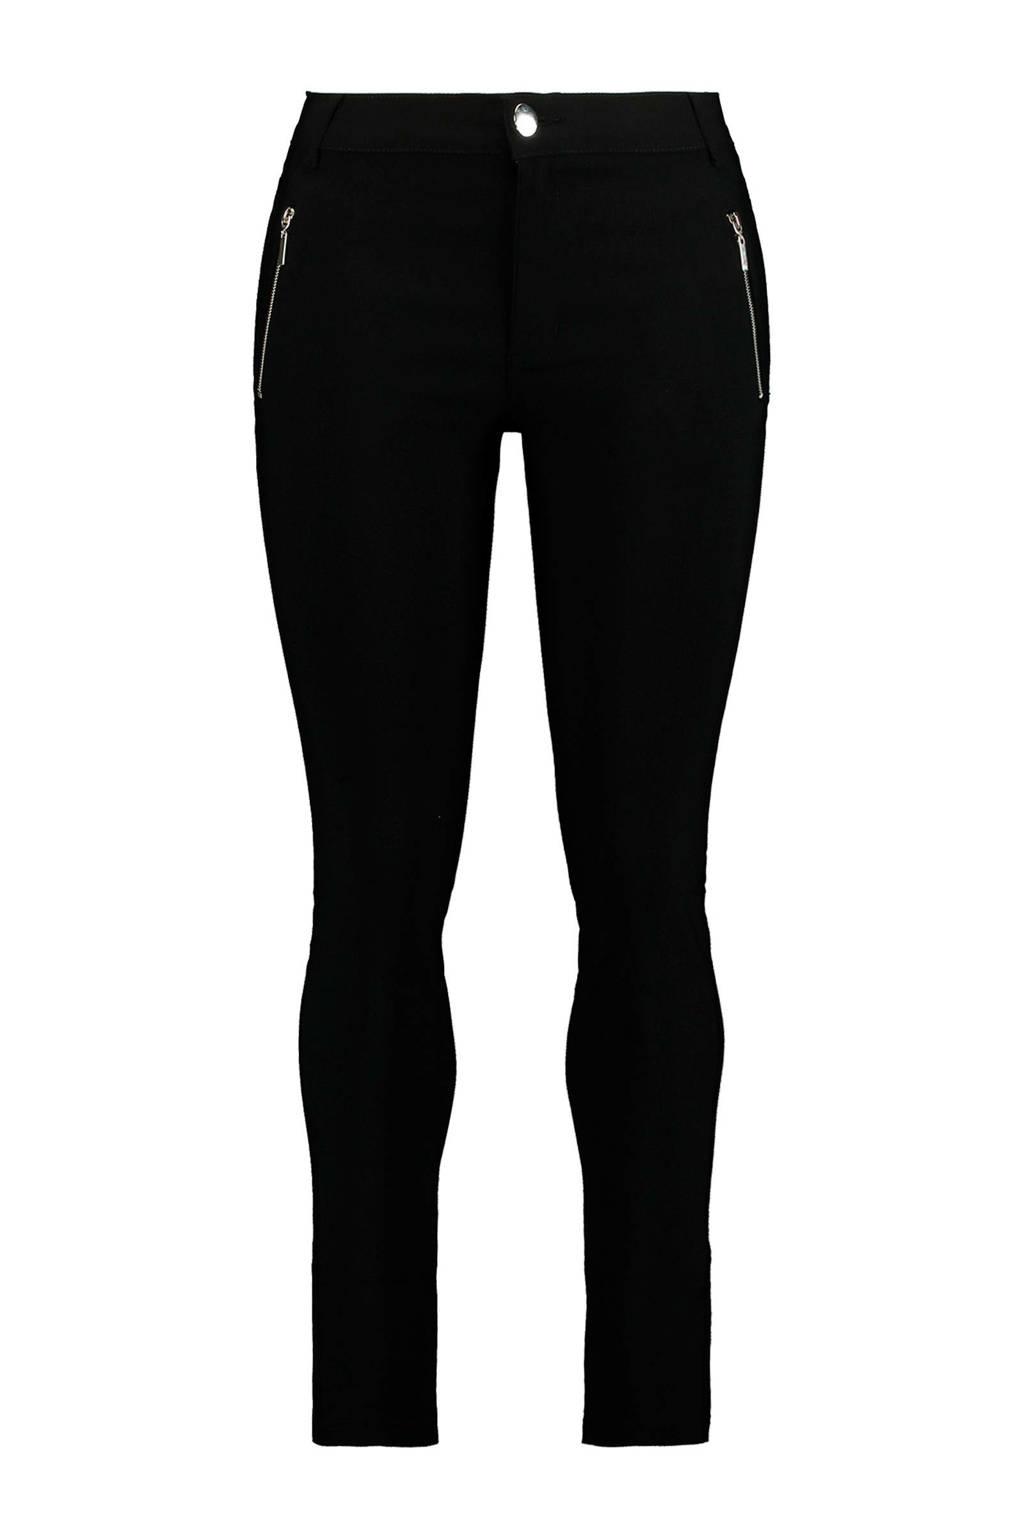 MS Mode skinny fit broek zwart, Zwart